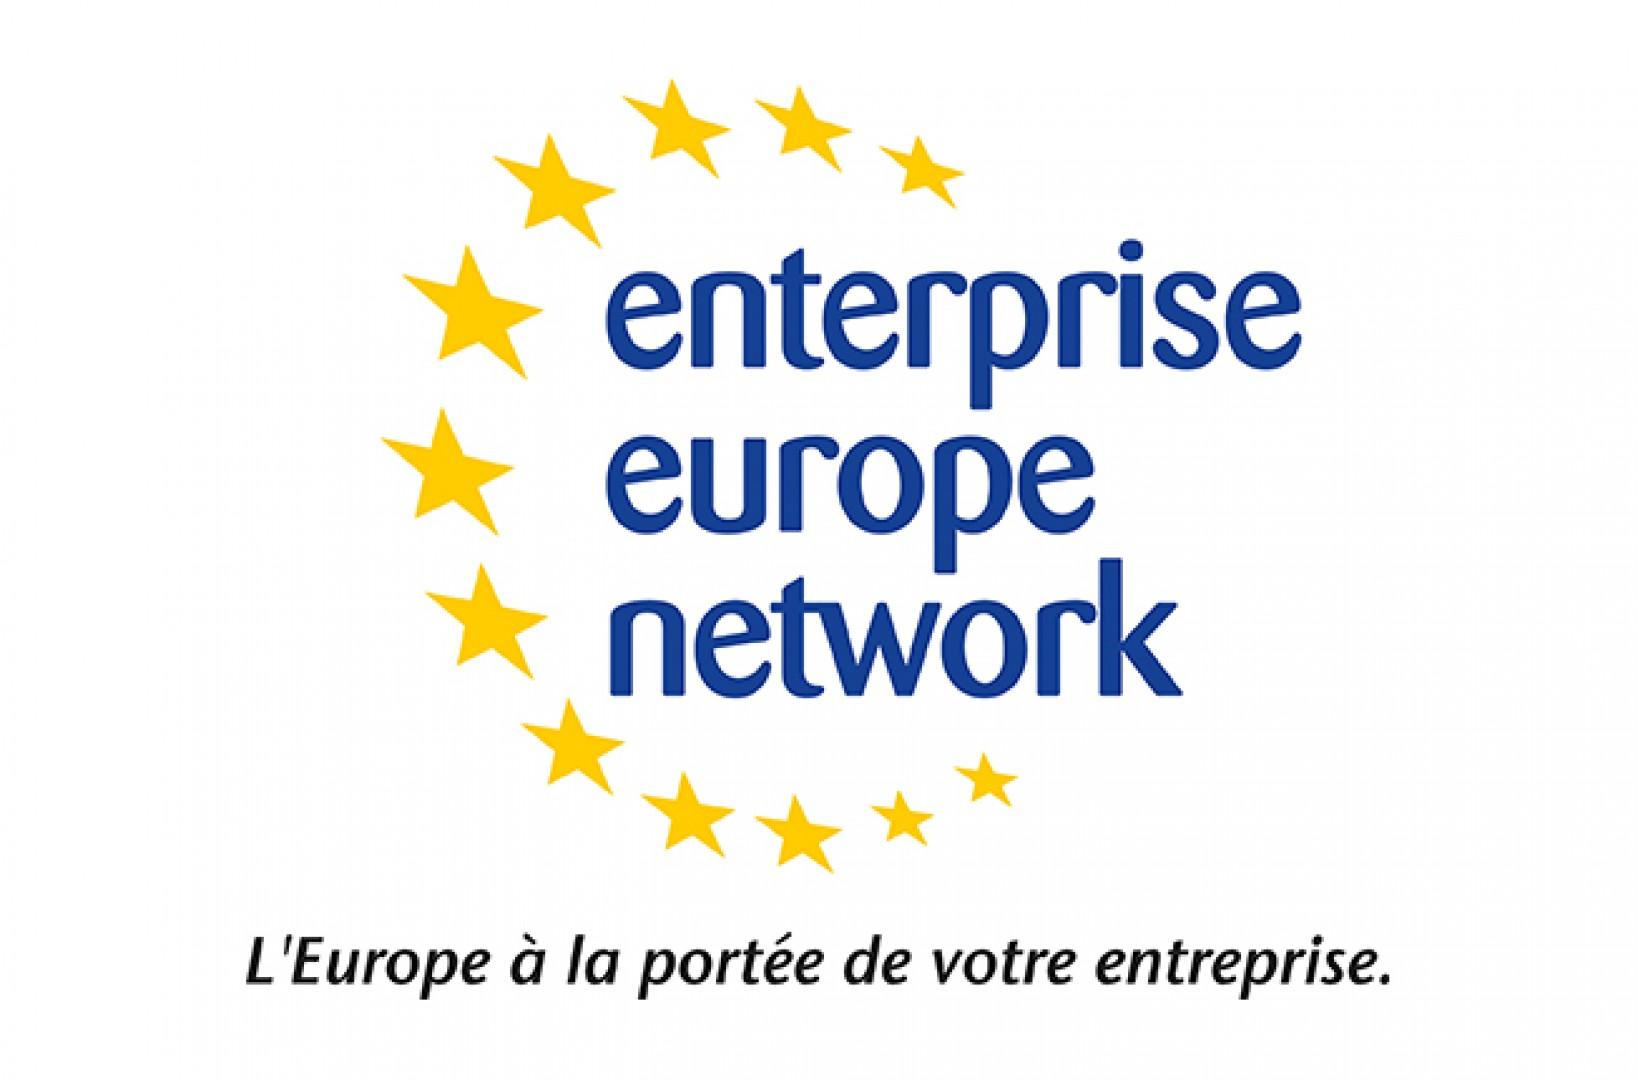 Prestations De Services Au Luxembourg Chambre Des Metiers